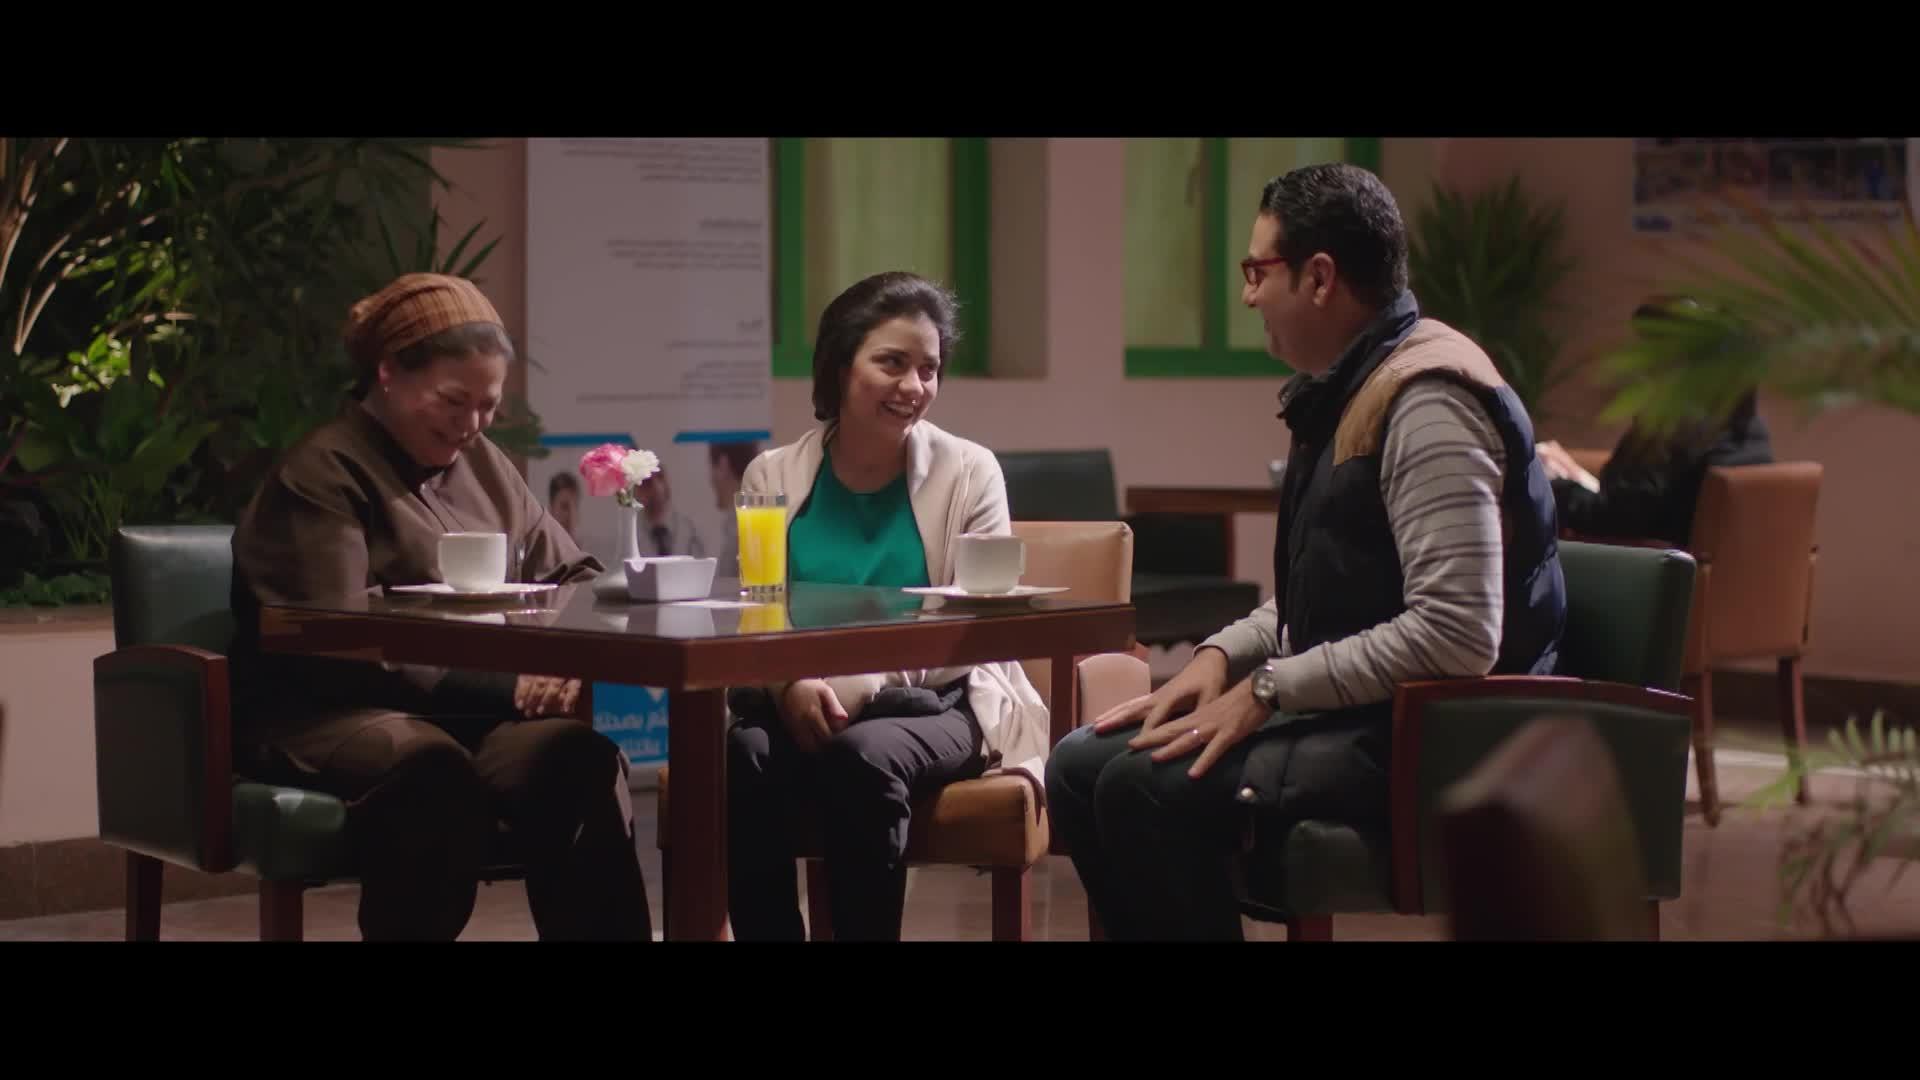 المسلسل المصري قوت القلوب (2020) الحلقات من ( 01 إلى 05 ) 1080p تحميل تورنت 5 arabp2p.com